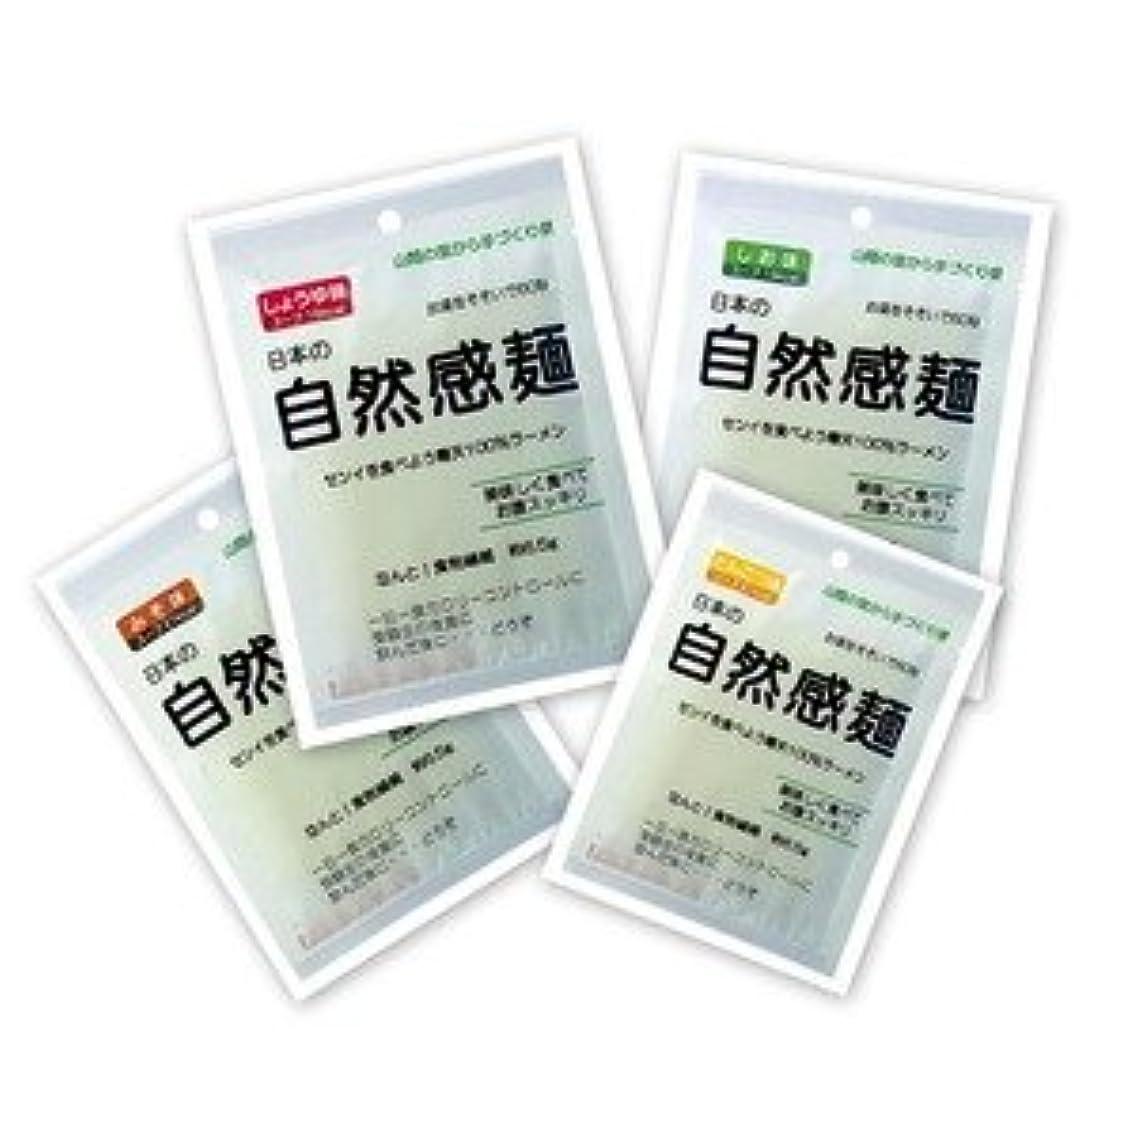 偽物労働者船尾自然寒天ラーメン/ダイエット食品 【4味5食セット】 しょうゆ味?みそ味?しお味?とんこつ味 日本製